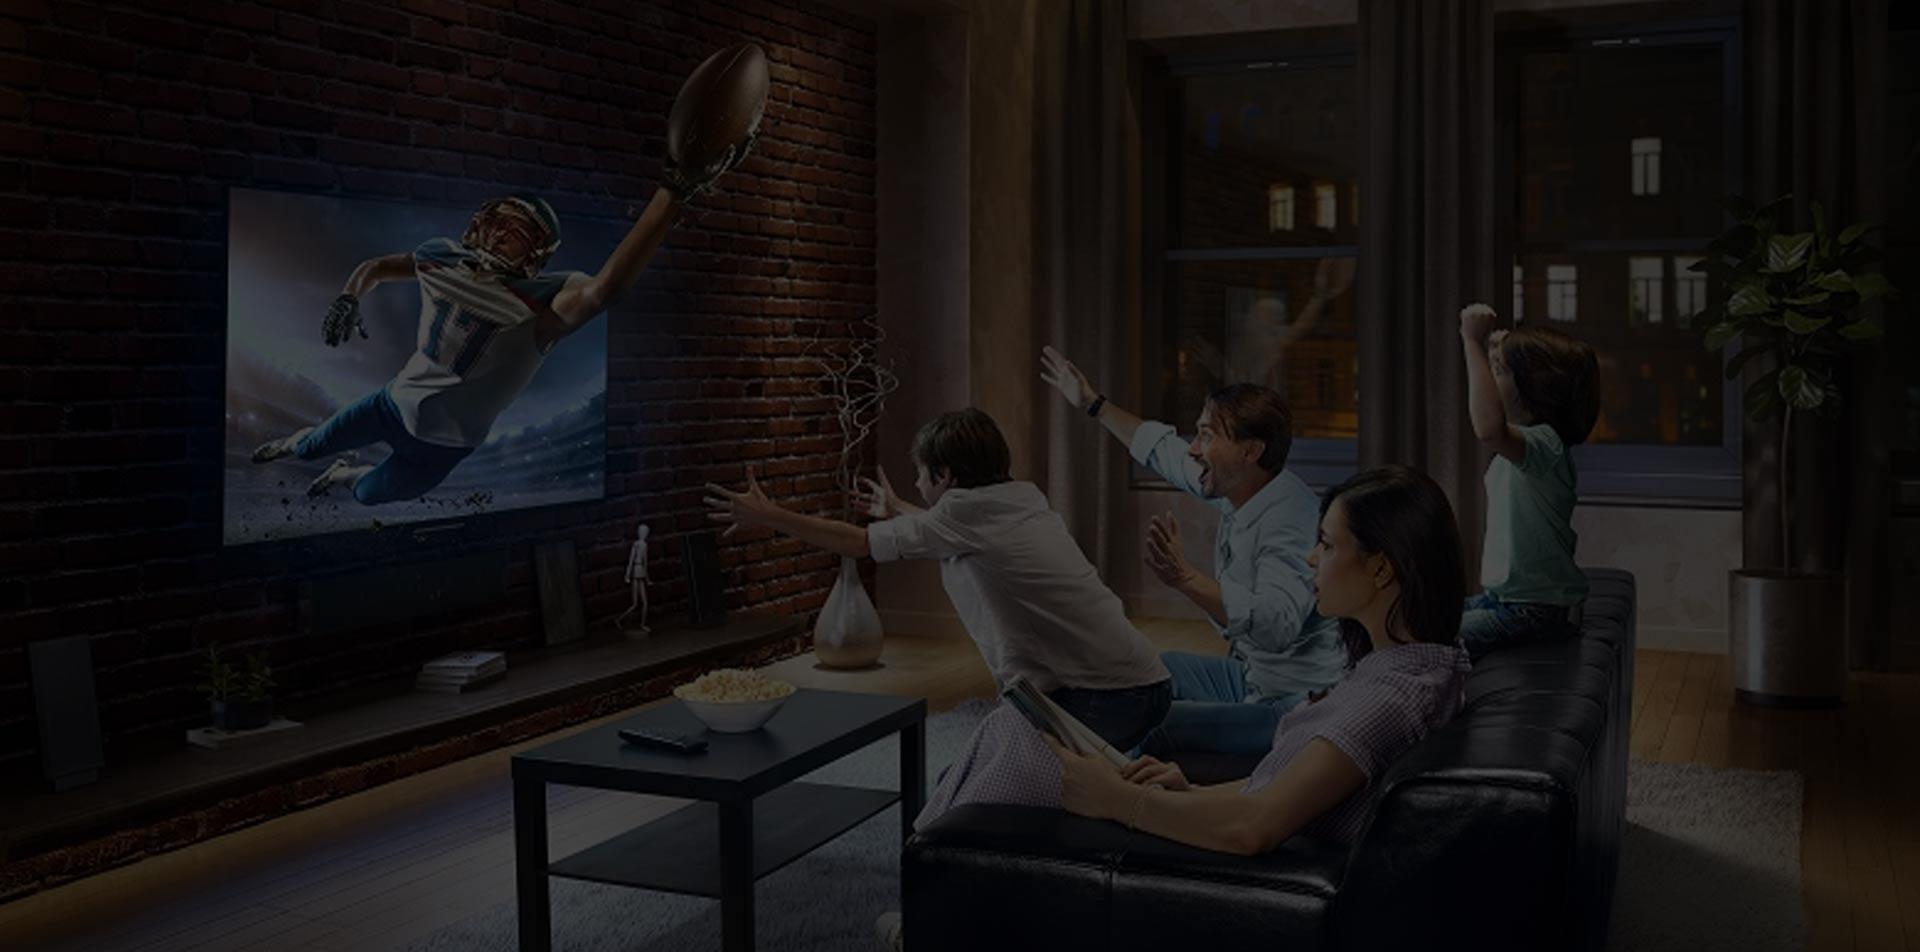 تعمیرات تلویزیون تی سی ال